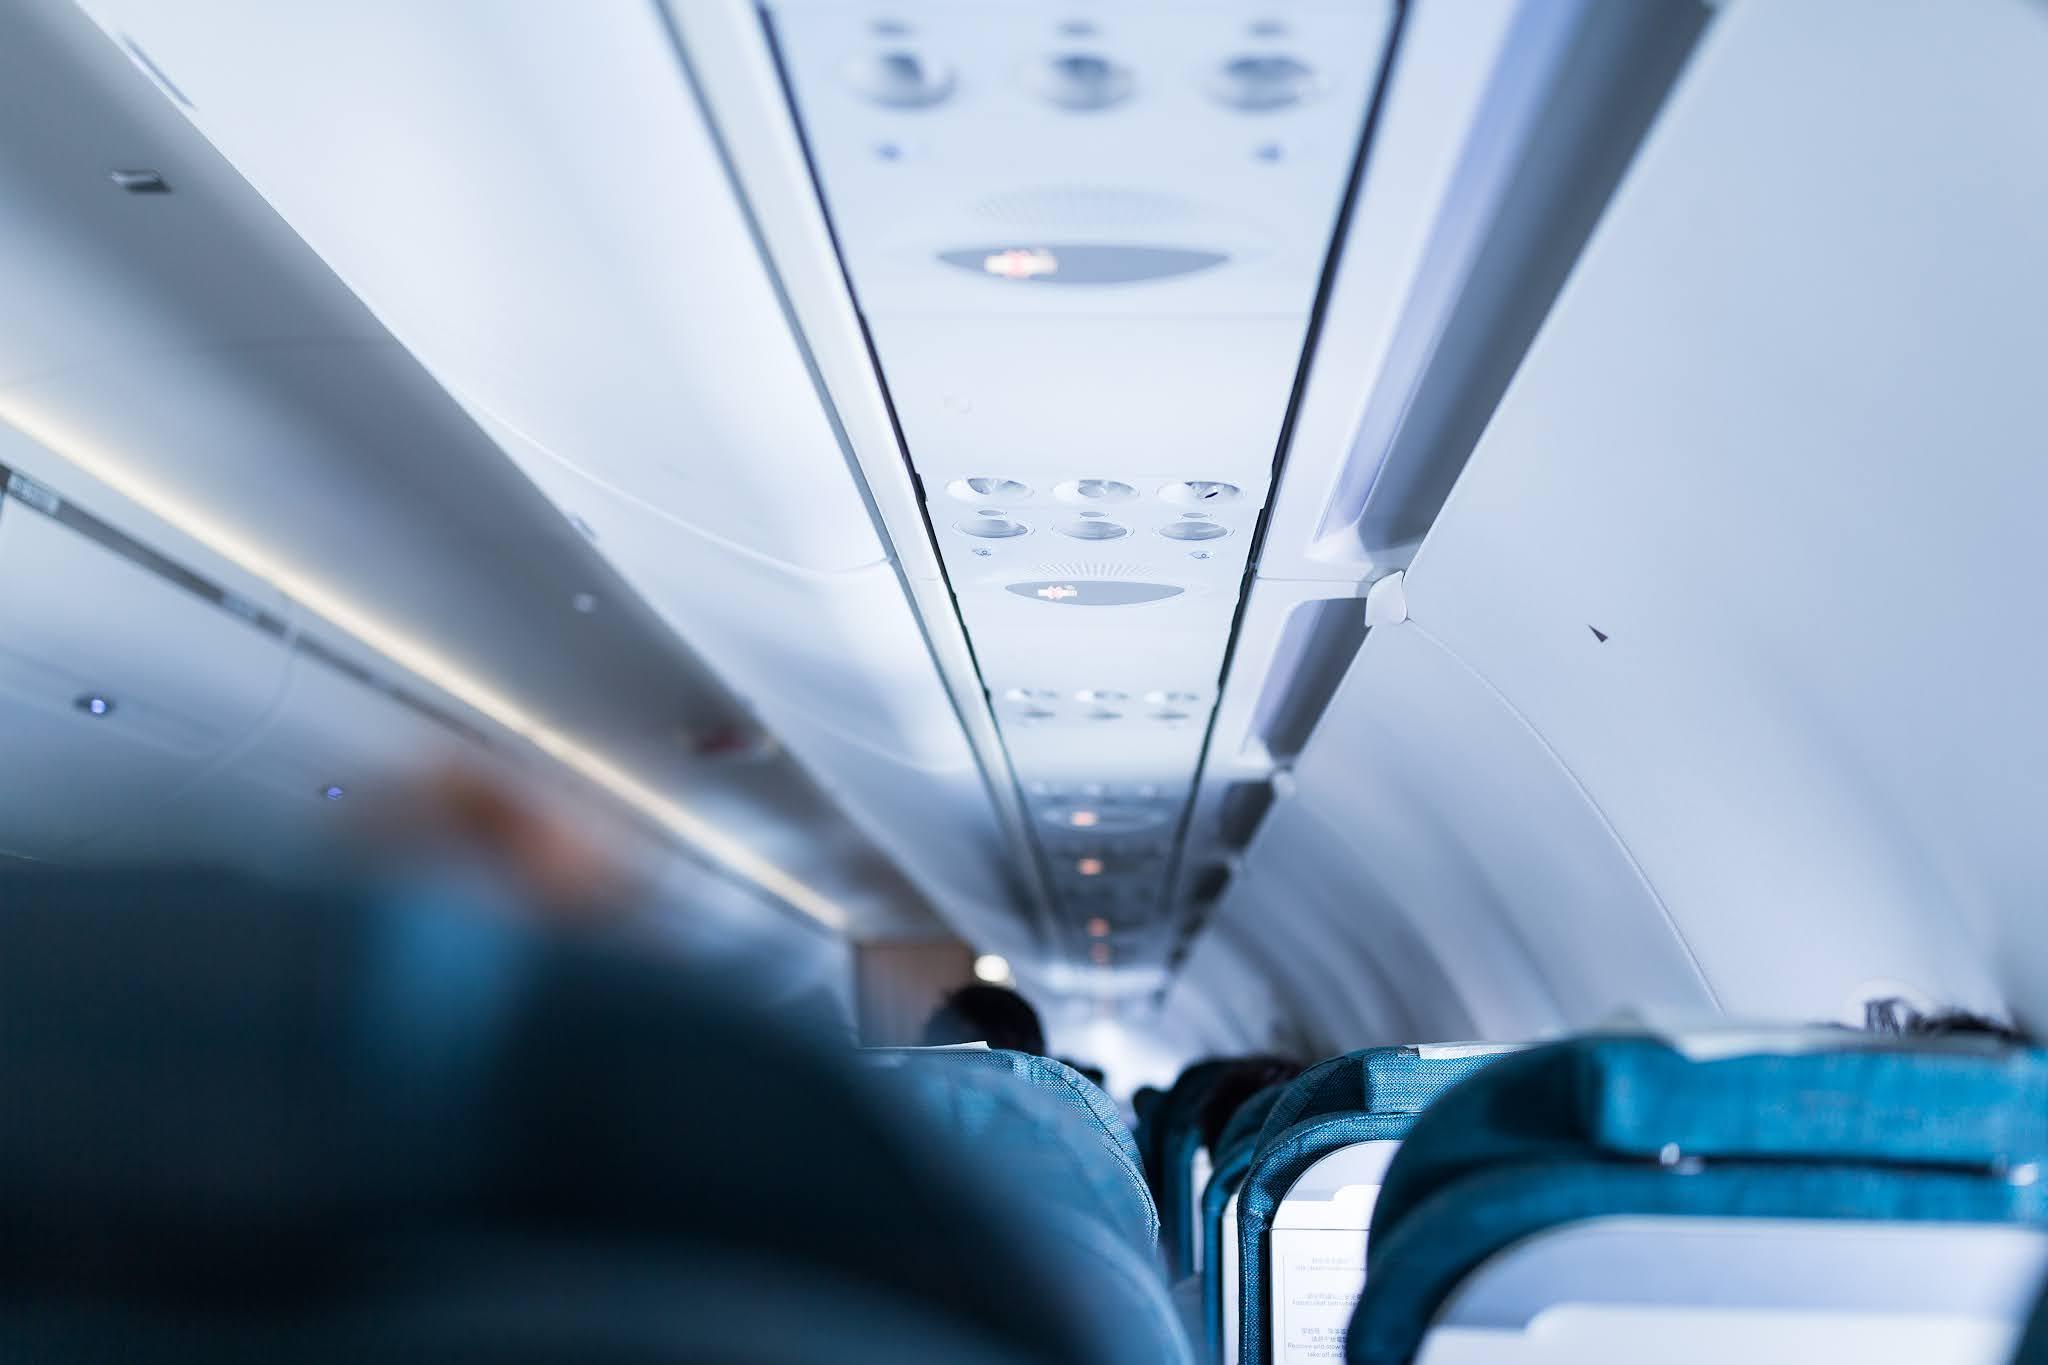 الاتحاد للطيران  Etihad تعلن عن خدمات مبتكرة لتسهيل إجراءات السفر